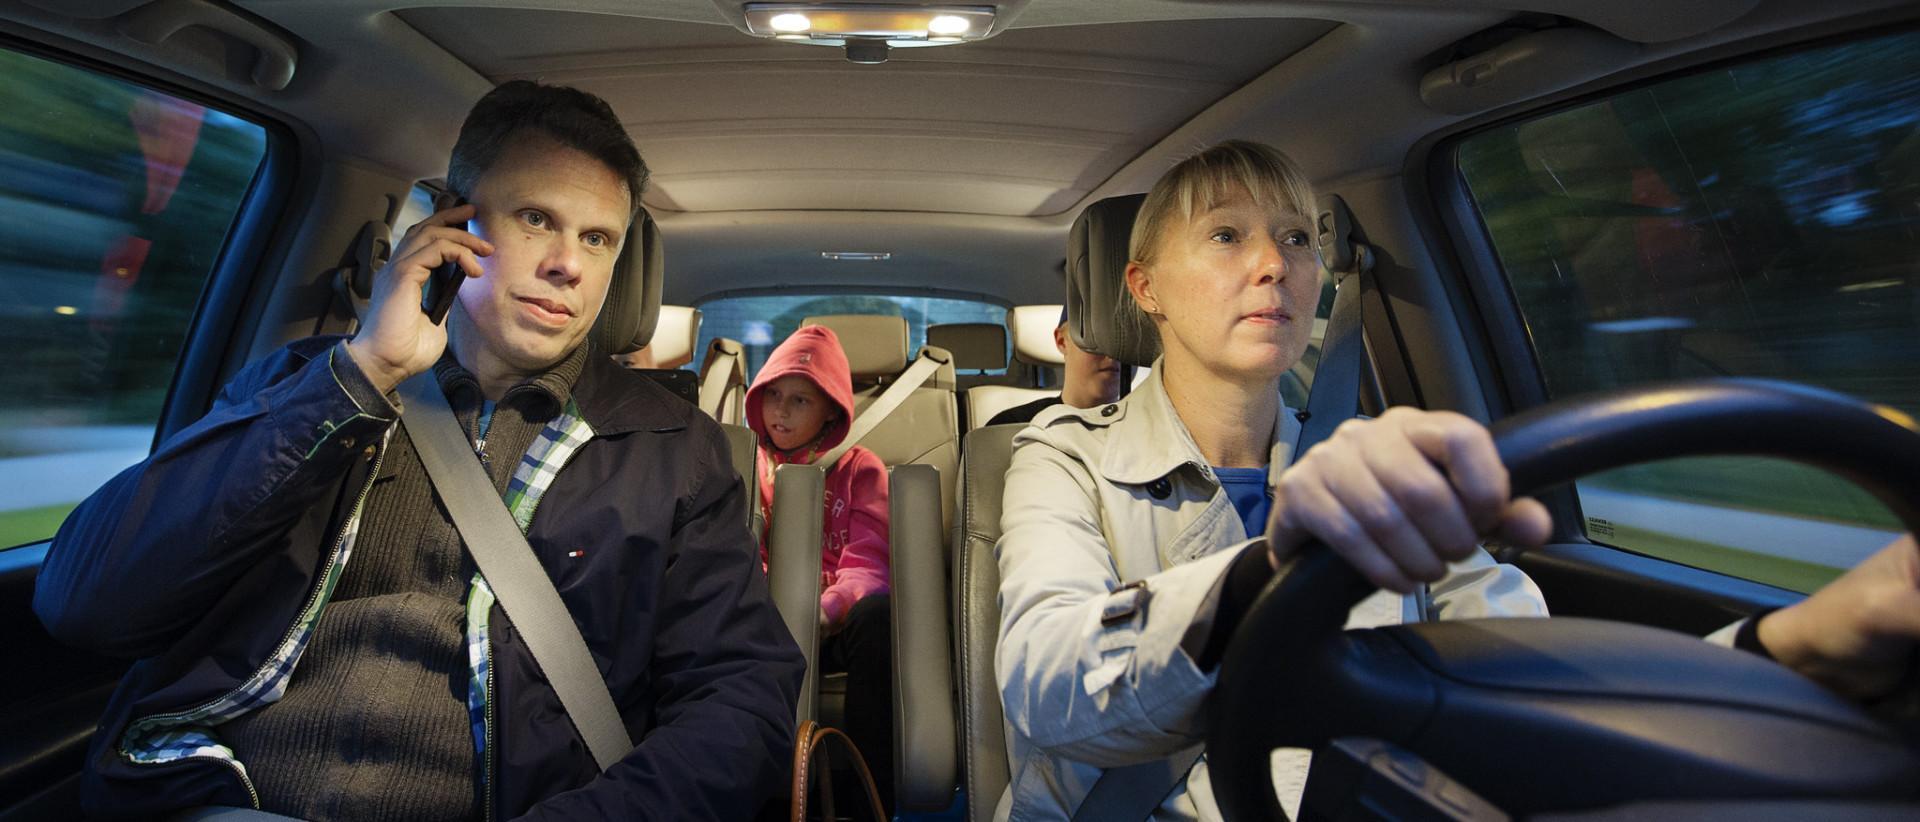 Kuvassa apukuljettaja autossa puhuu puhelimeen kuljettajan keskittyessä ajamiseen.